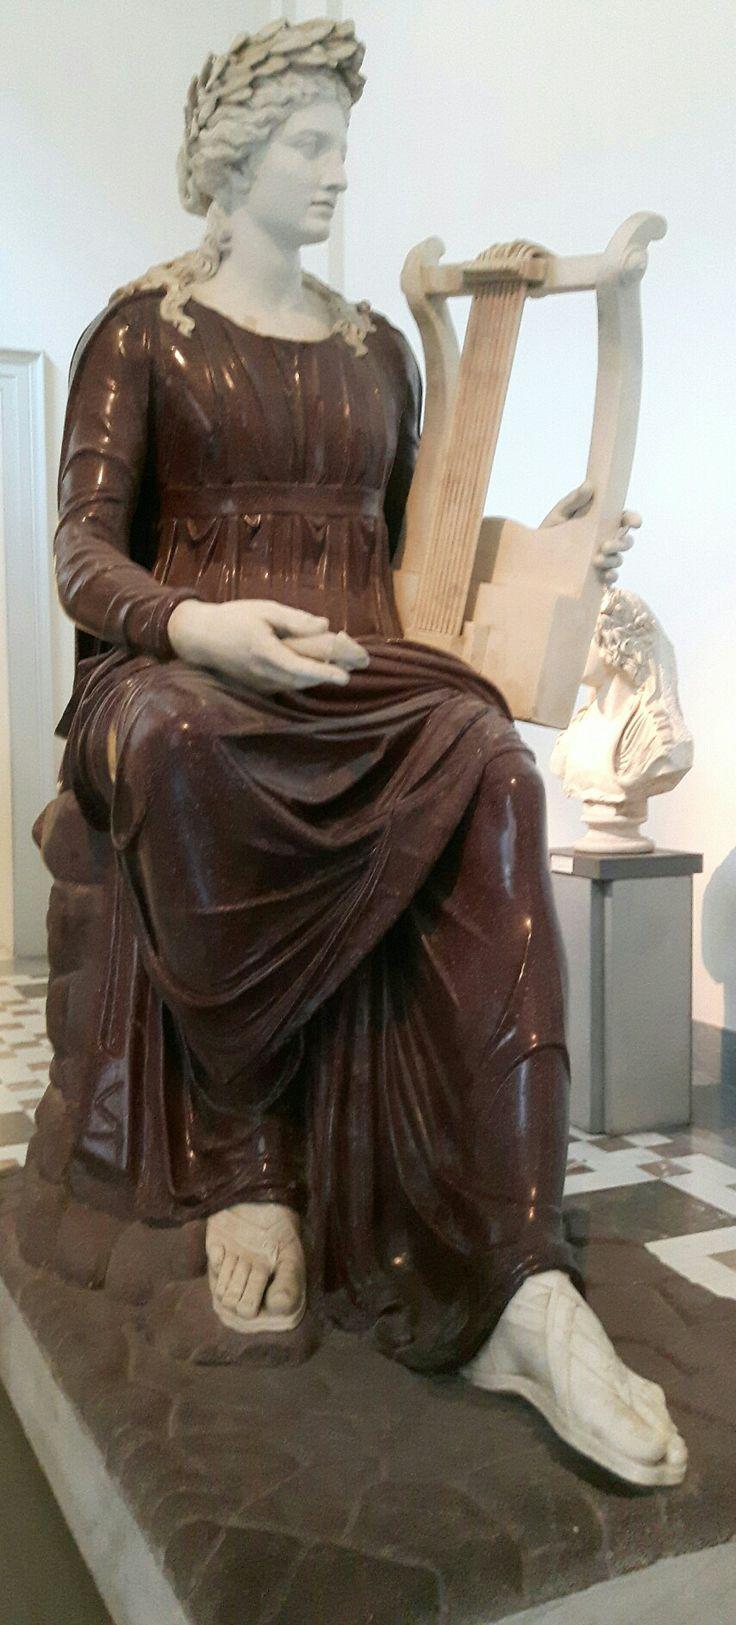 Statua di Apollo con lira seduto su roccia. Museo Archeologico Nazionale di Napoli.  Acquistato nel 1546 presso Fabio e Decio Sassi da Alessandro Farnese.  Opera Adrianea. II sec. d.C